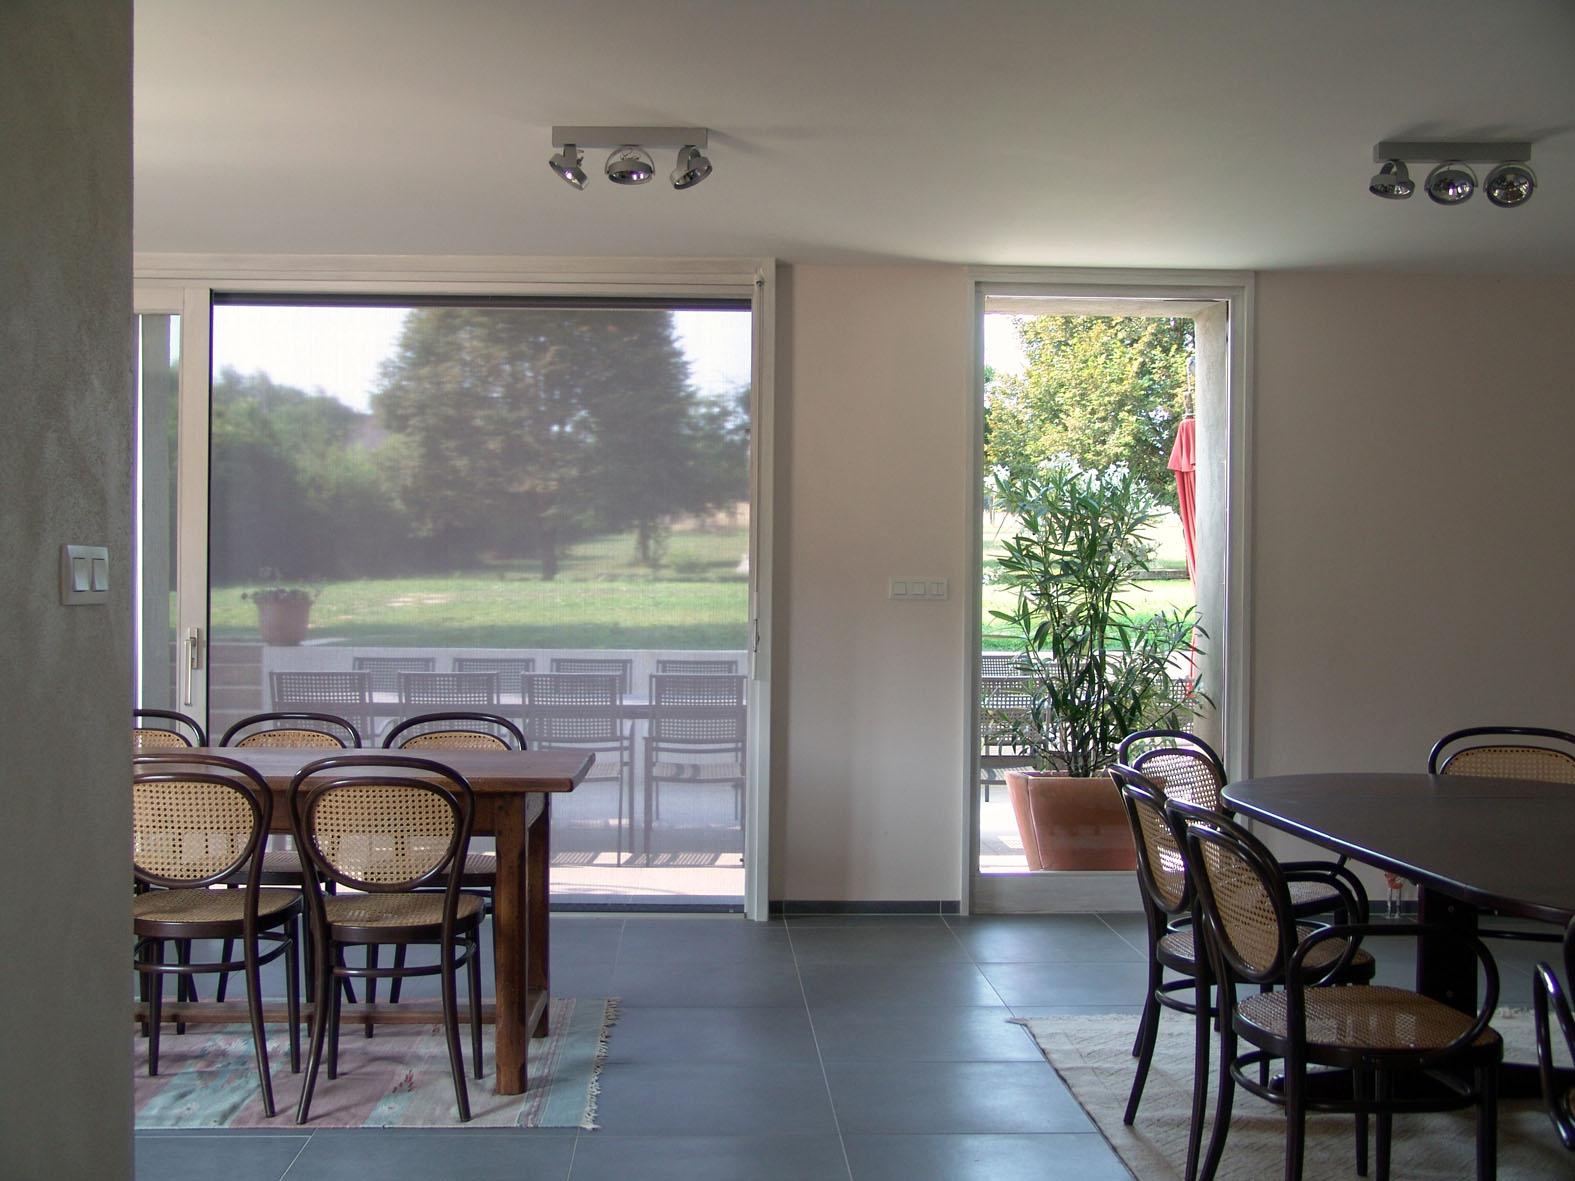 le crot foulot cinq chambres luxueuses dans une ancienne maison de vigneron et une table d 39 h te. Black Bedroom Furniture Sets. Home Design Ideas